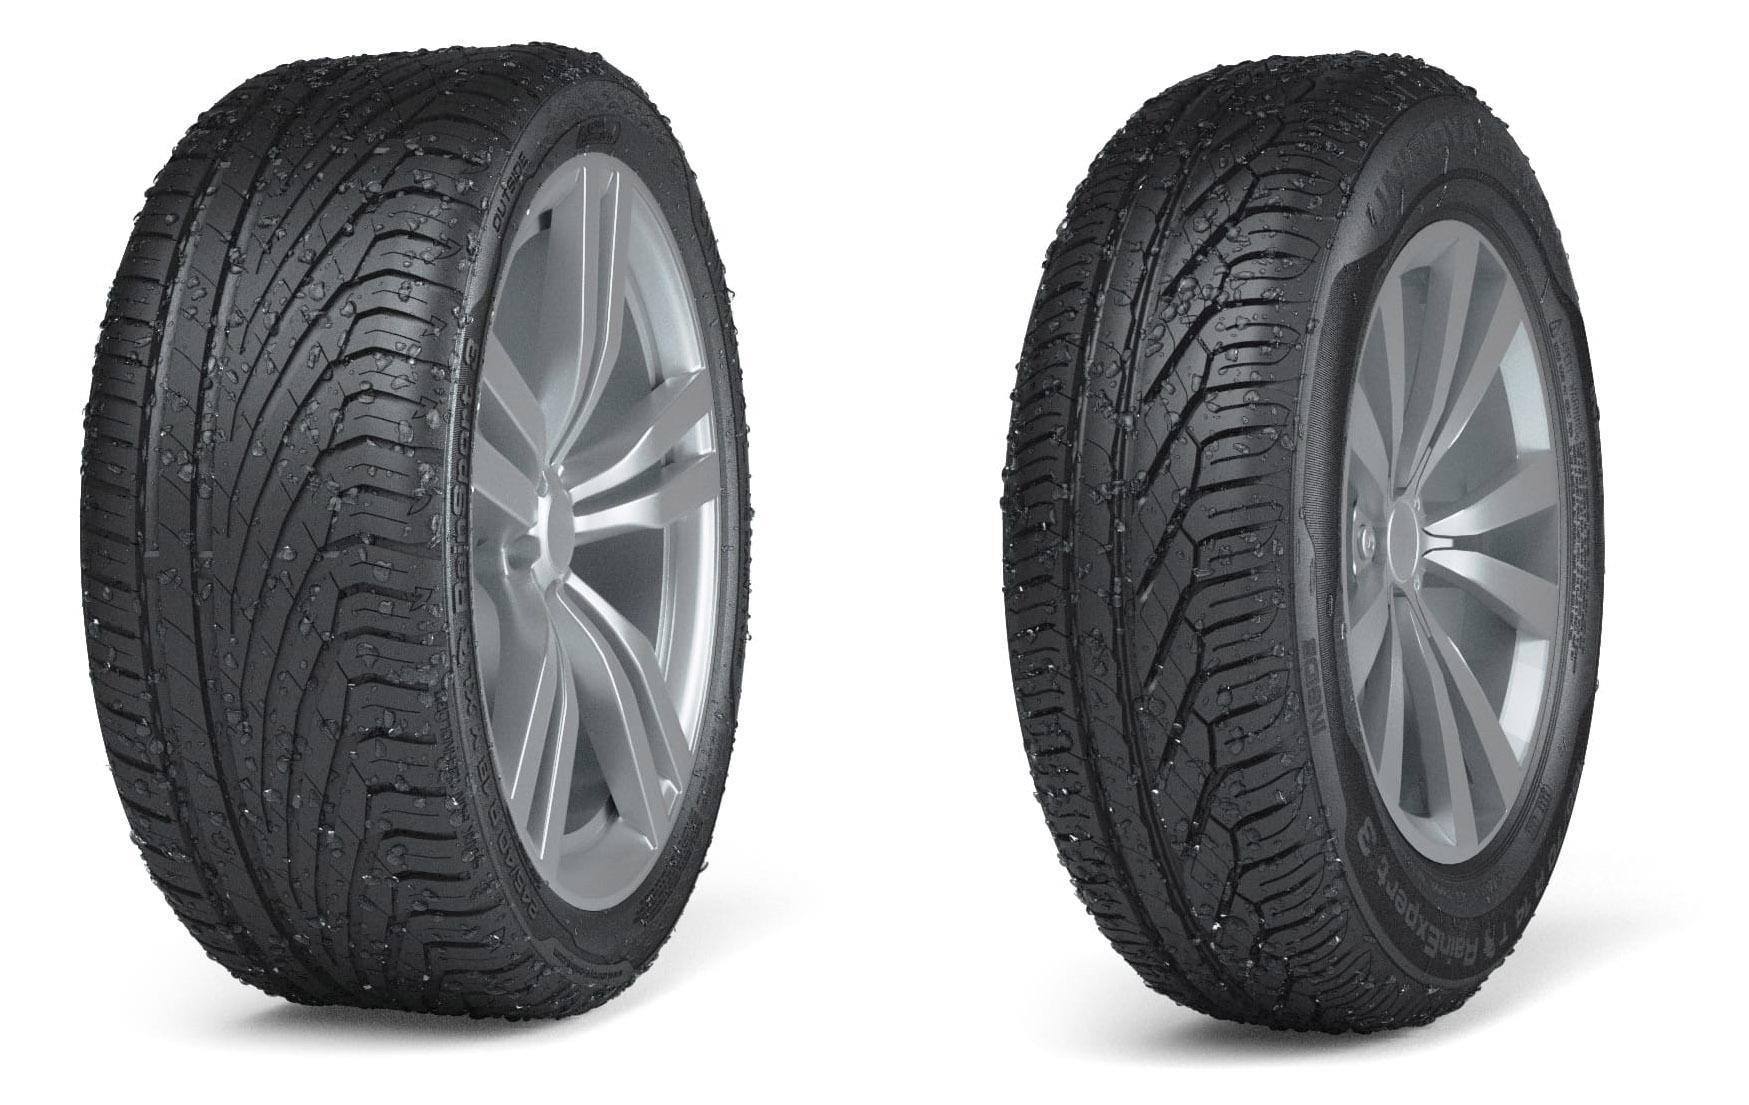 Continental представил новые дождевые шины Uniroyal для лета 2018 года